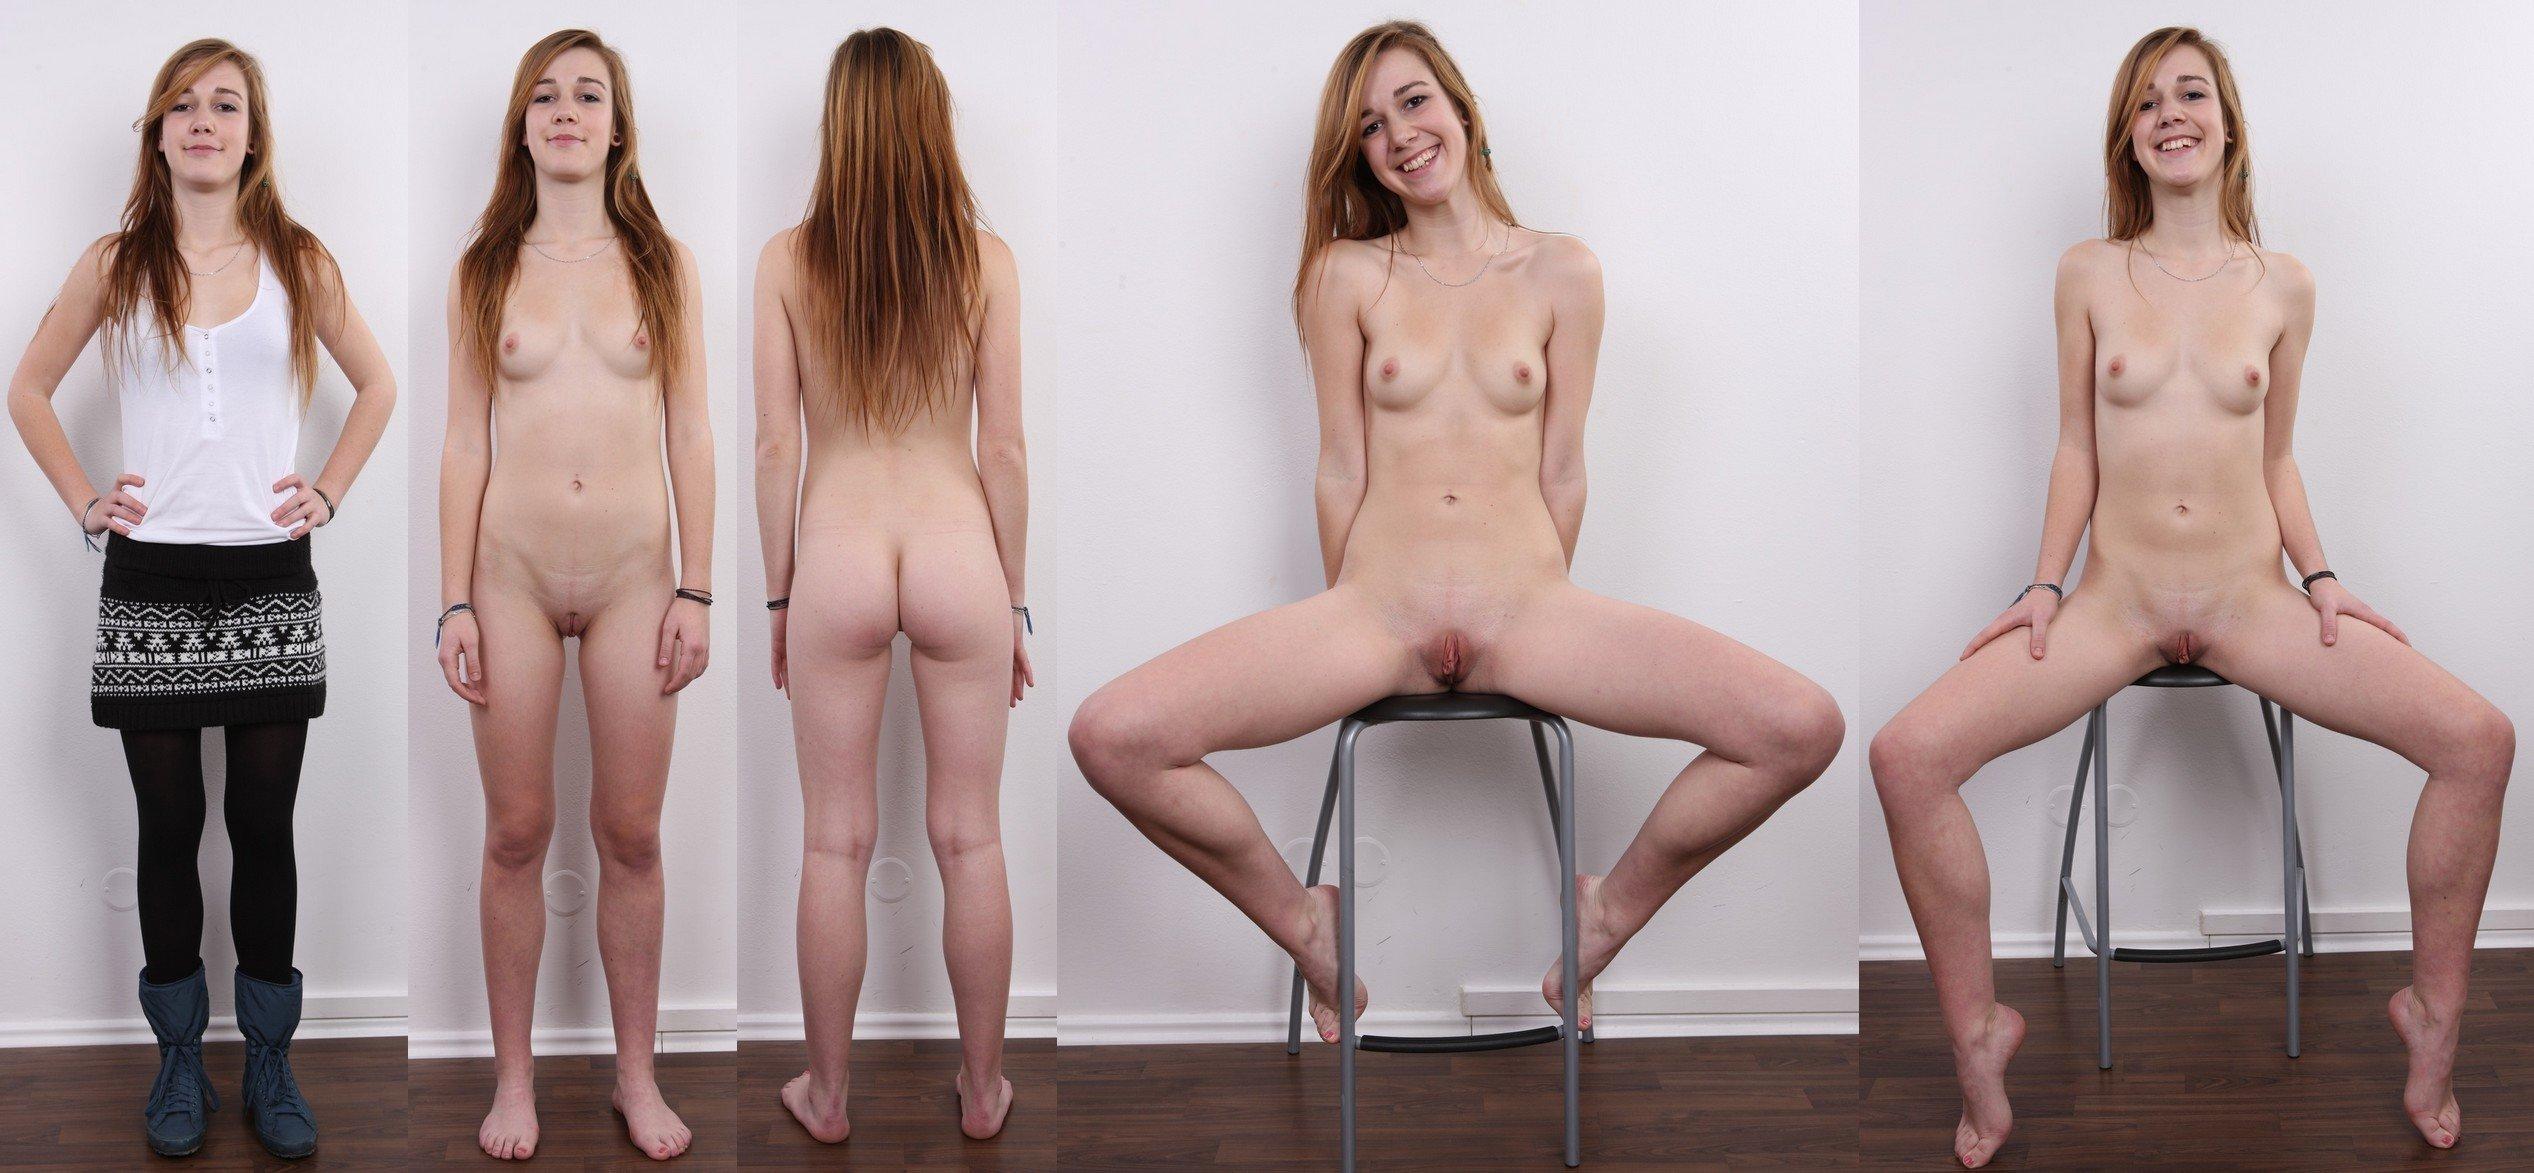 Teen sex photo casting endocardiogram umeoakland